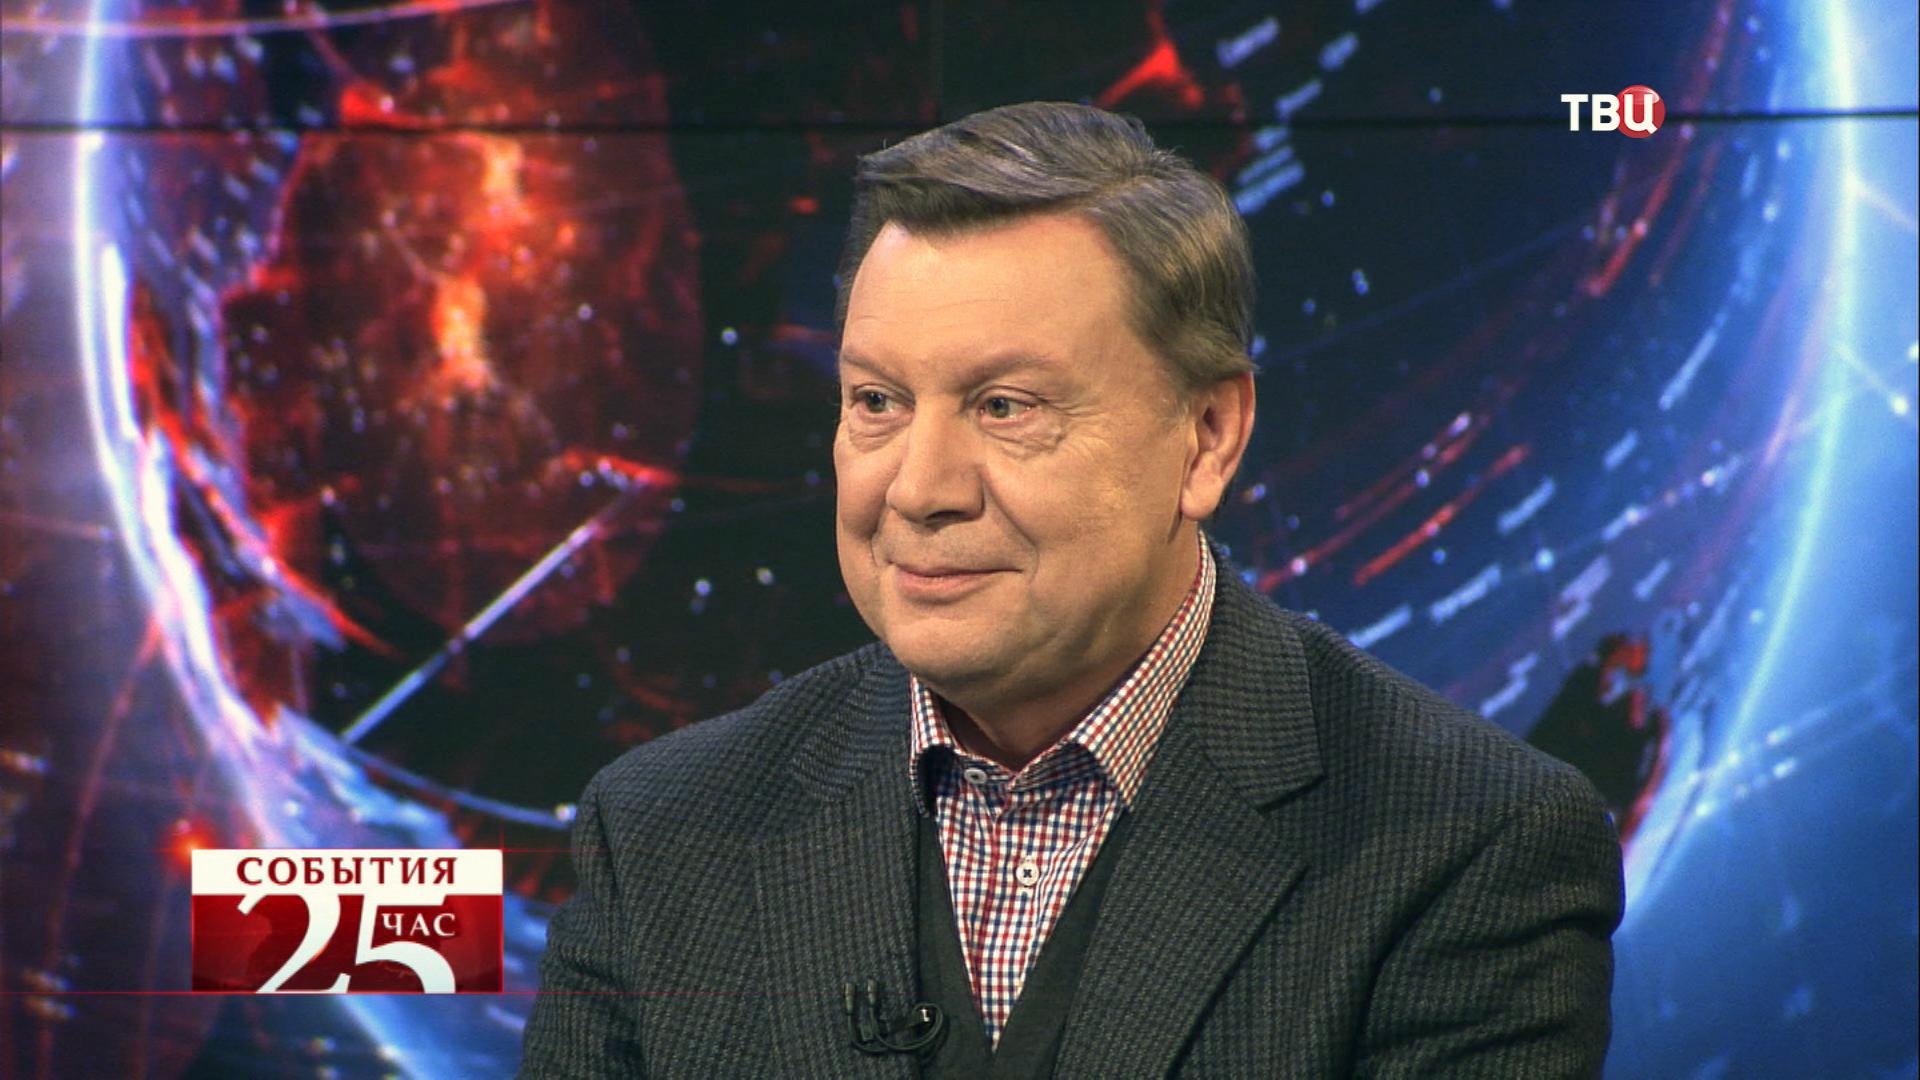 Юрий Рогулёв, директор Фонда изучения США им. Франклина Рузвельта в МГУ